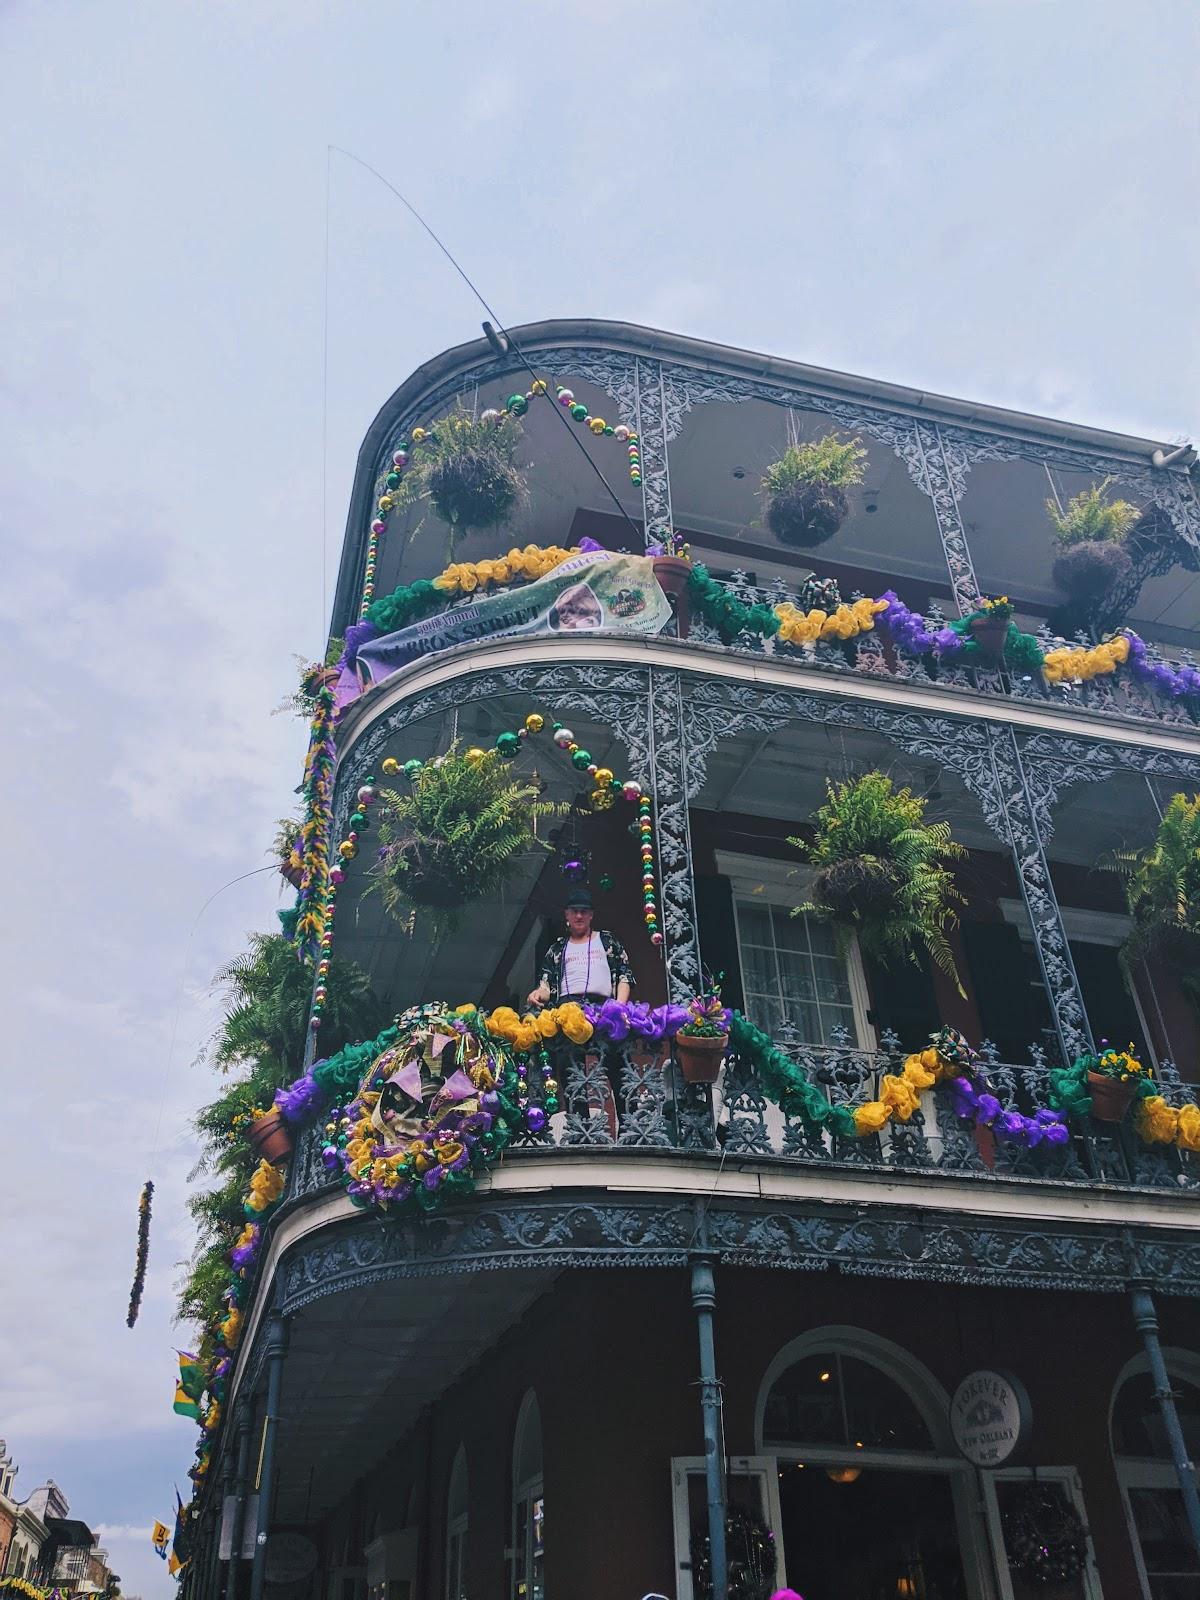 פסטיבלים באמריקה הכי שווה מרדי גרא ניו אורלינס לואיזיאנה